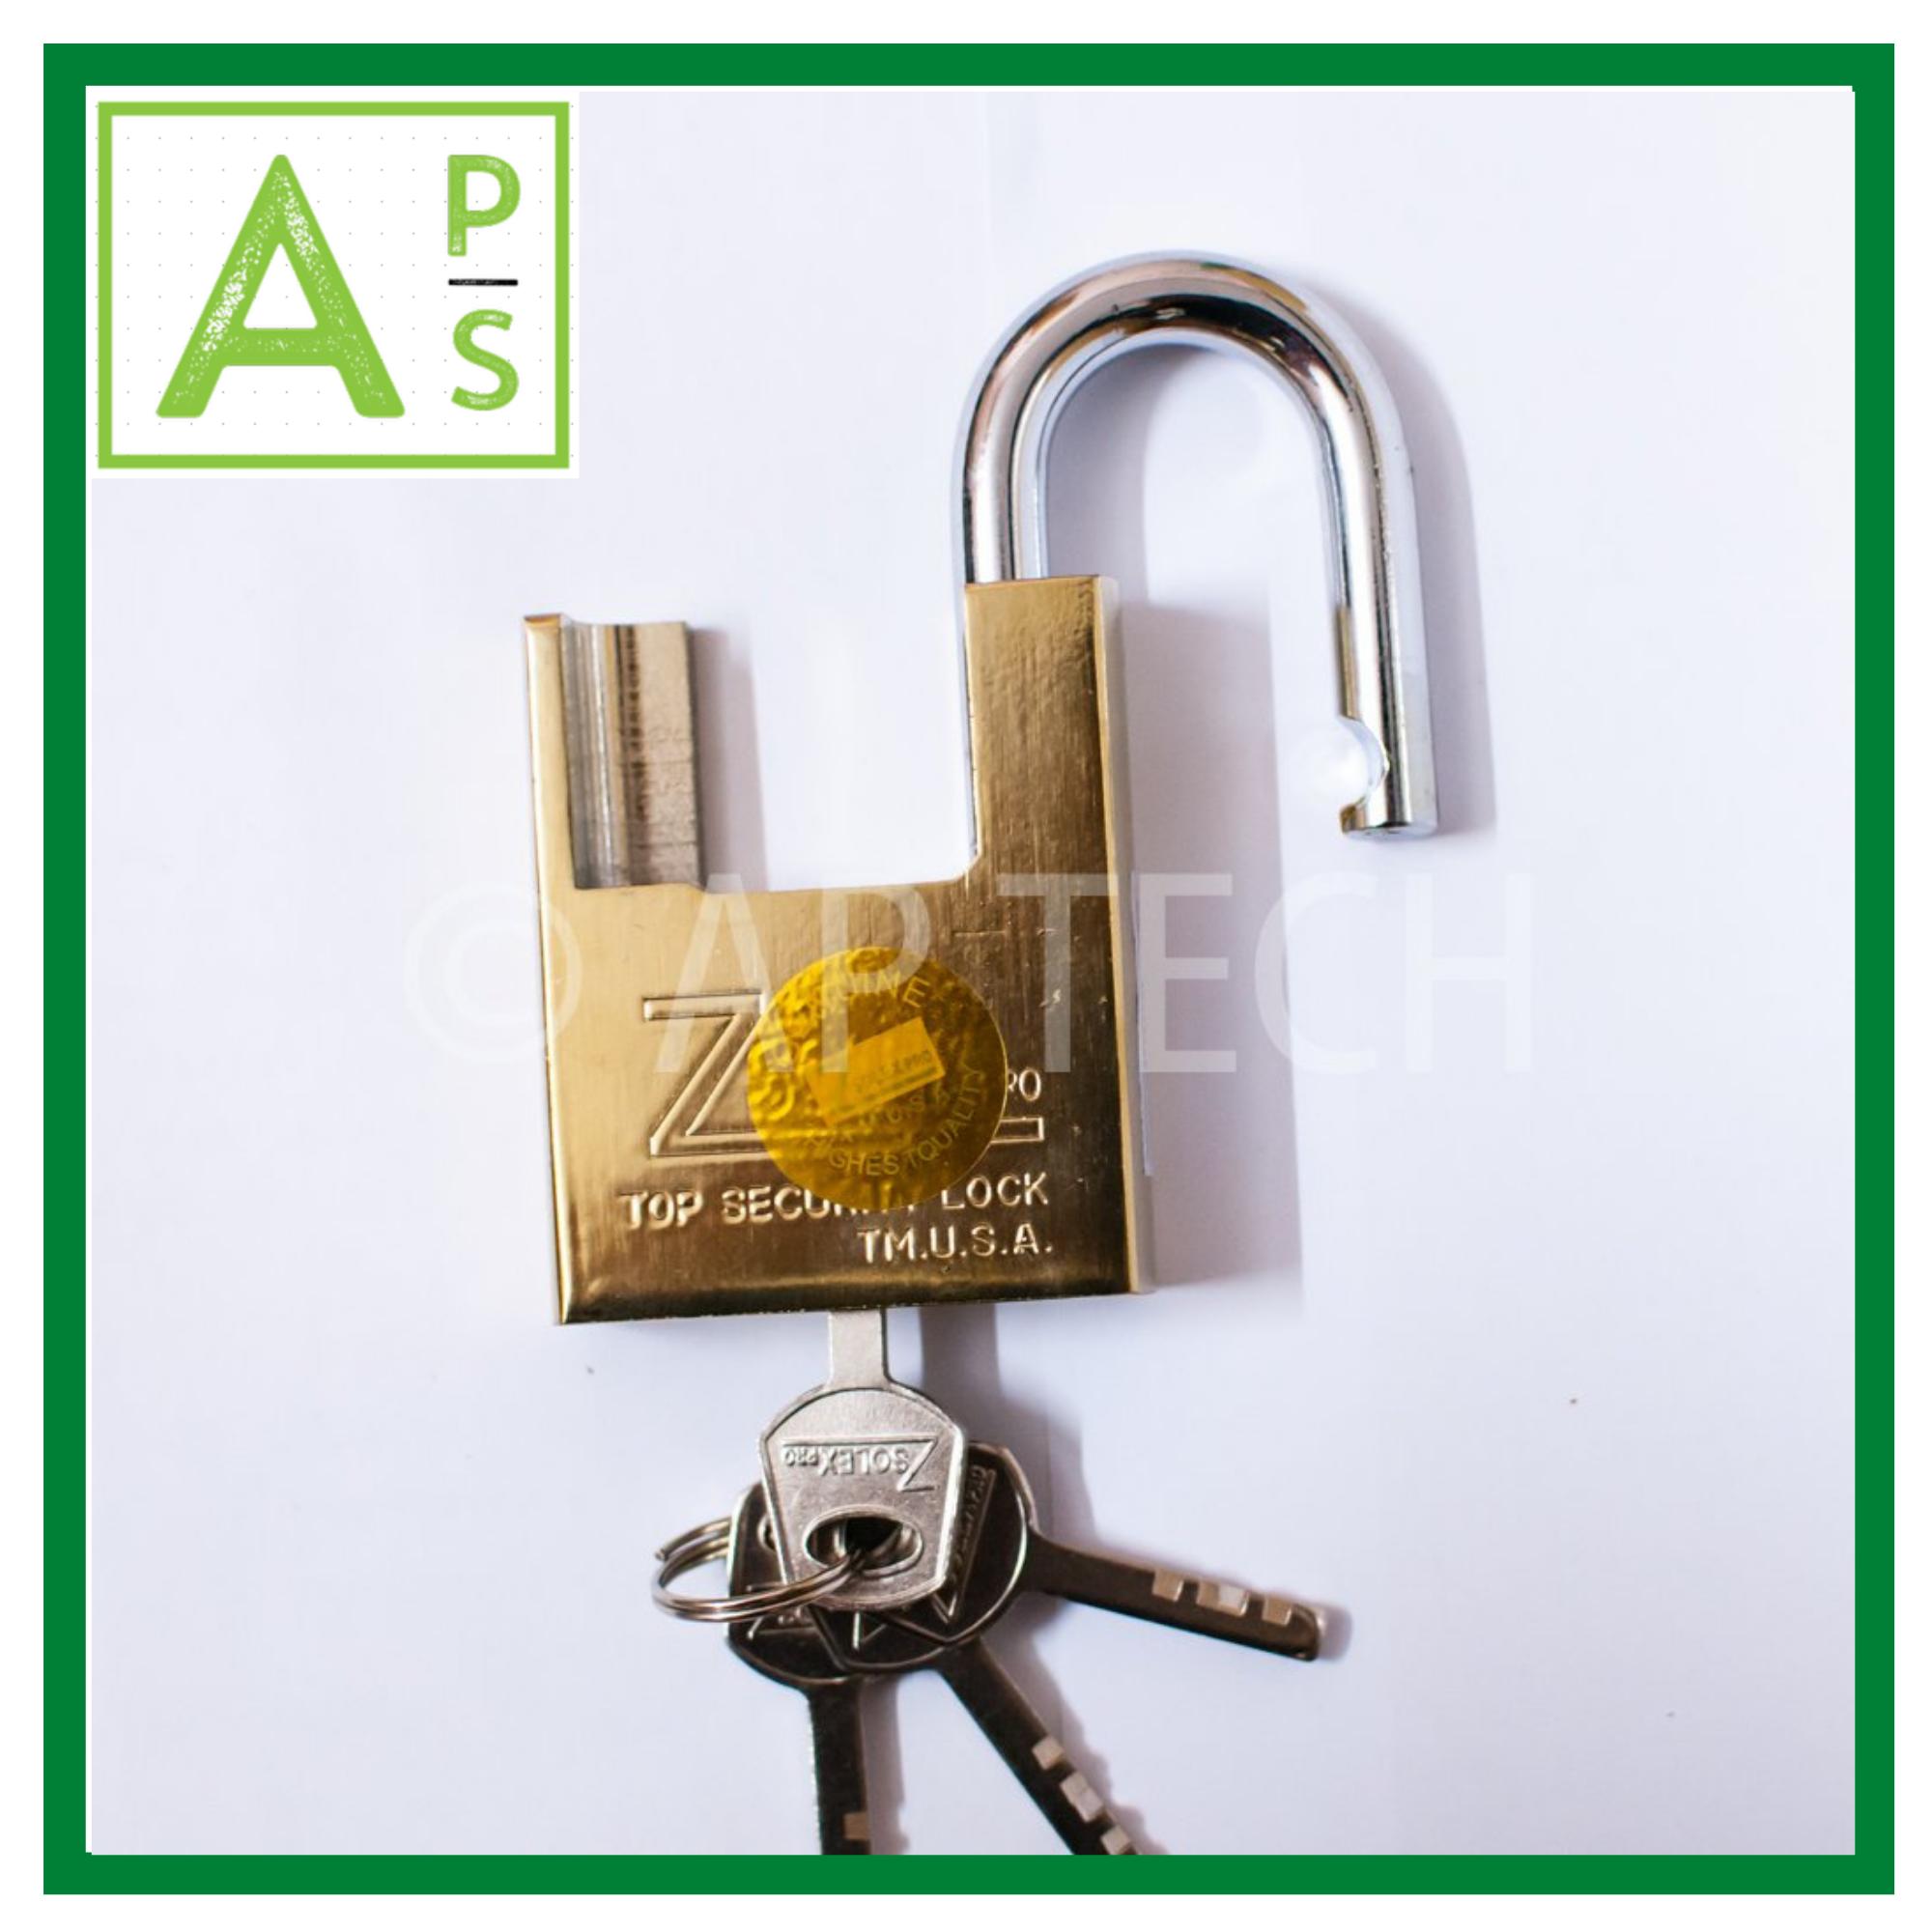 Ổ Khoá Chống Cắt ZSolex 60mm, Ổ Khoá Thép Không Gỉ khoá cửa an toàn, dễ sử dụng (vàng)